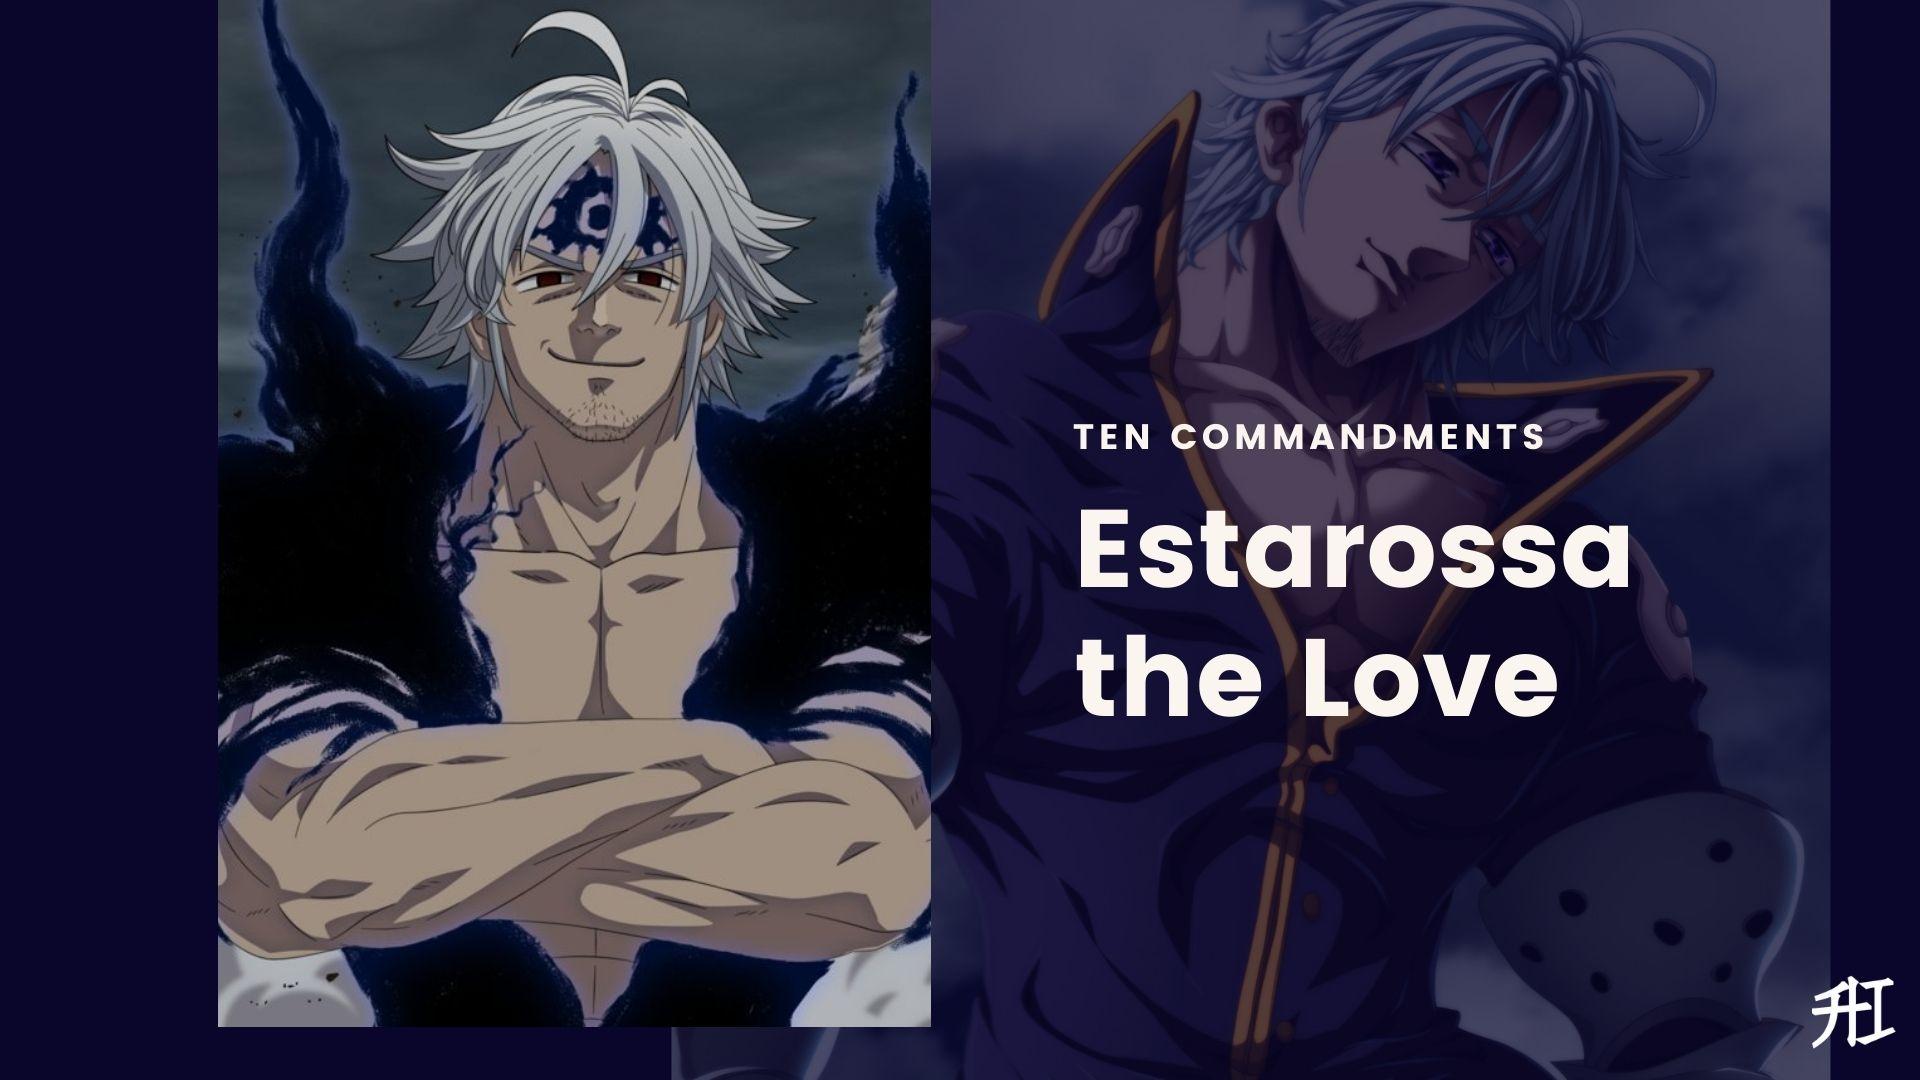 The Ten Commandments - Ranked! Nanatsu No Taizai